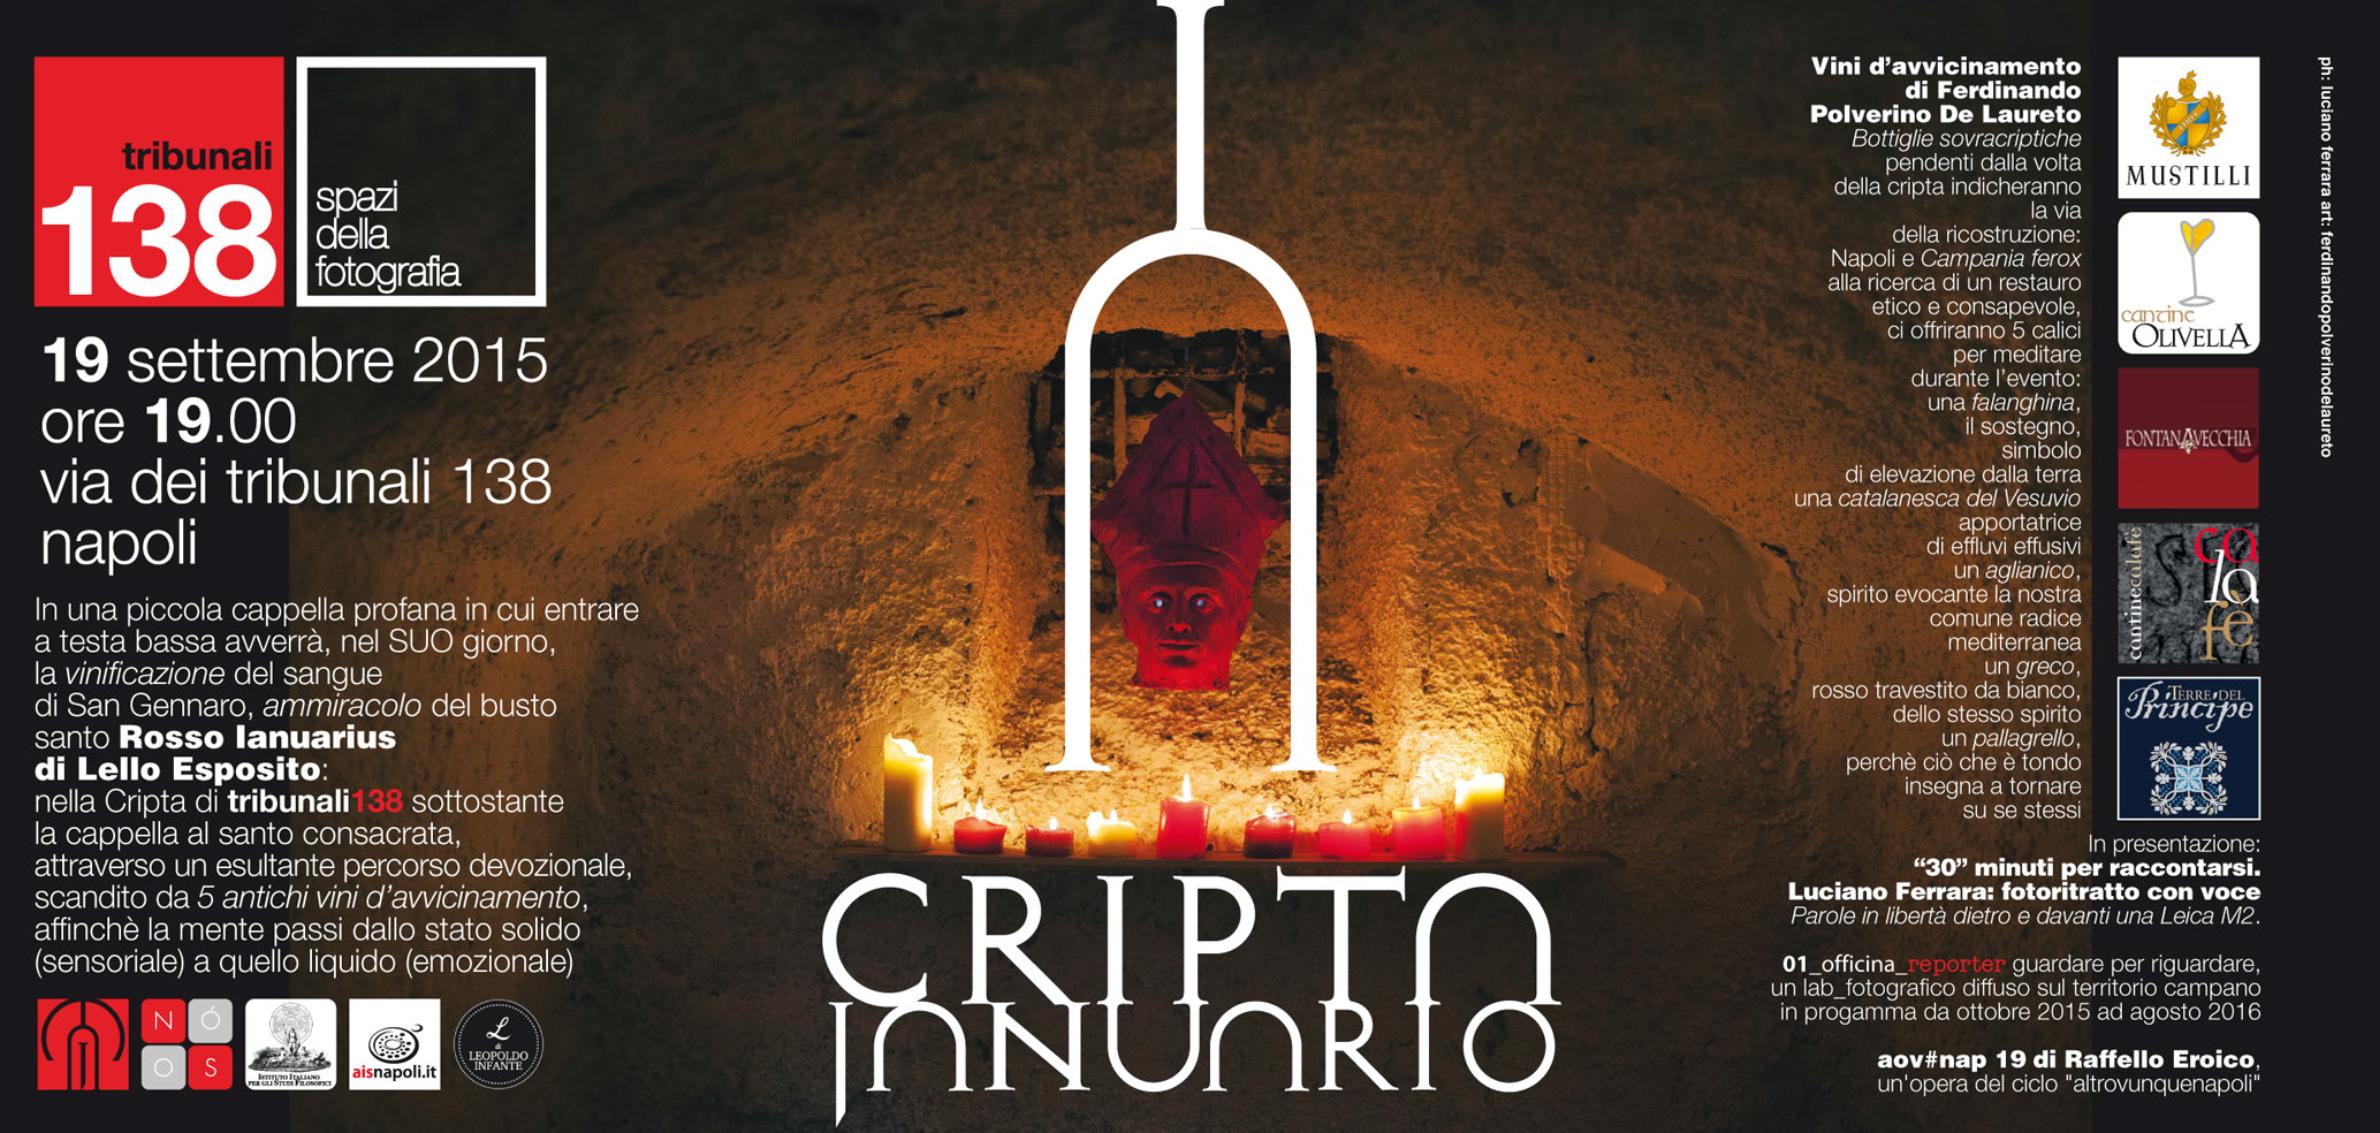 Cripta ianuario ori FB2-1.jpg